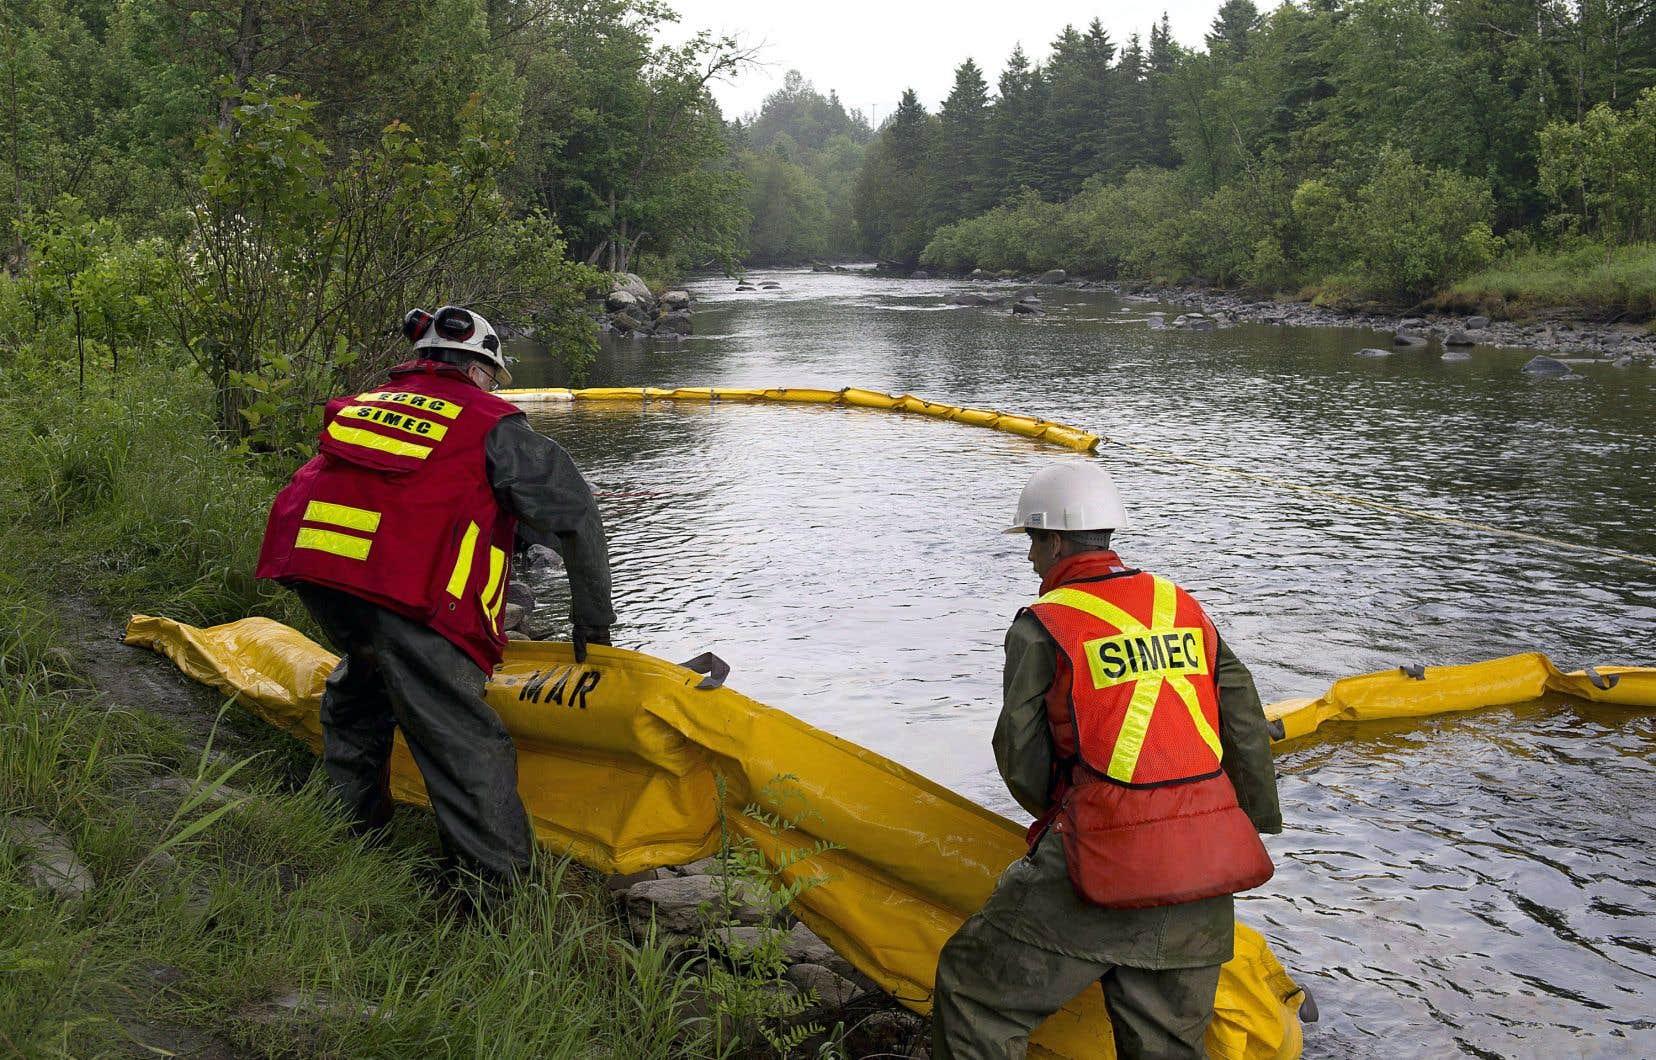 Des barrières avaient été installées sur la rivière Chaudière après le déraillement du train à Lac-Mégantic en juillet 2013. Quatre ans plus tard, le niveau de contamination demeure élevé.